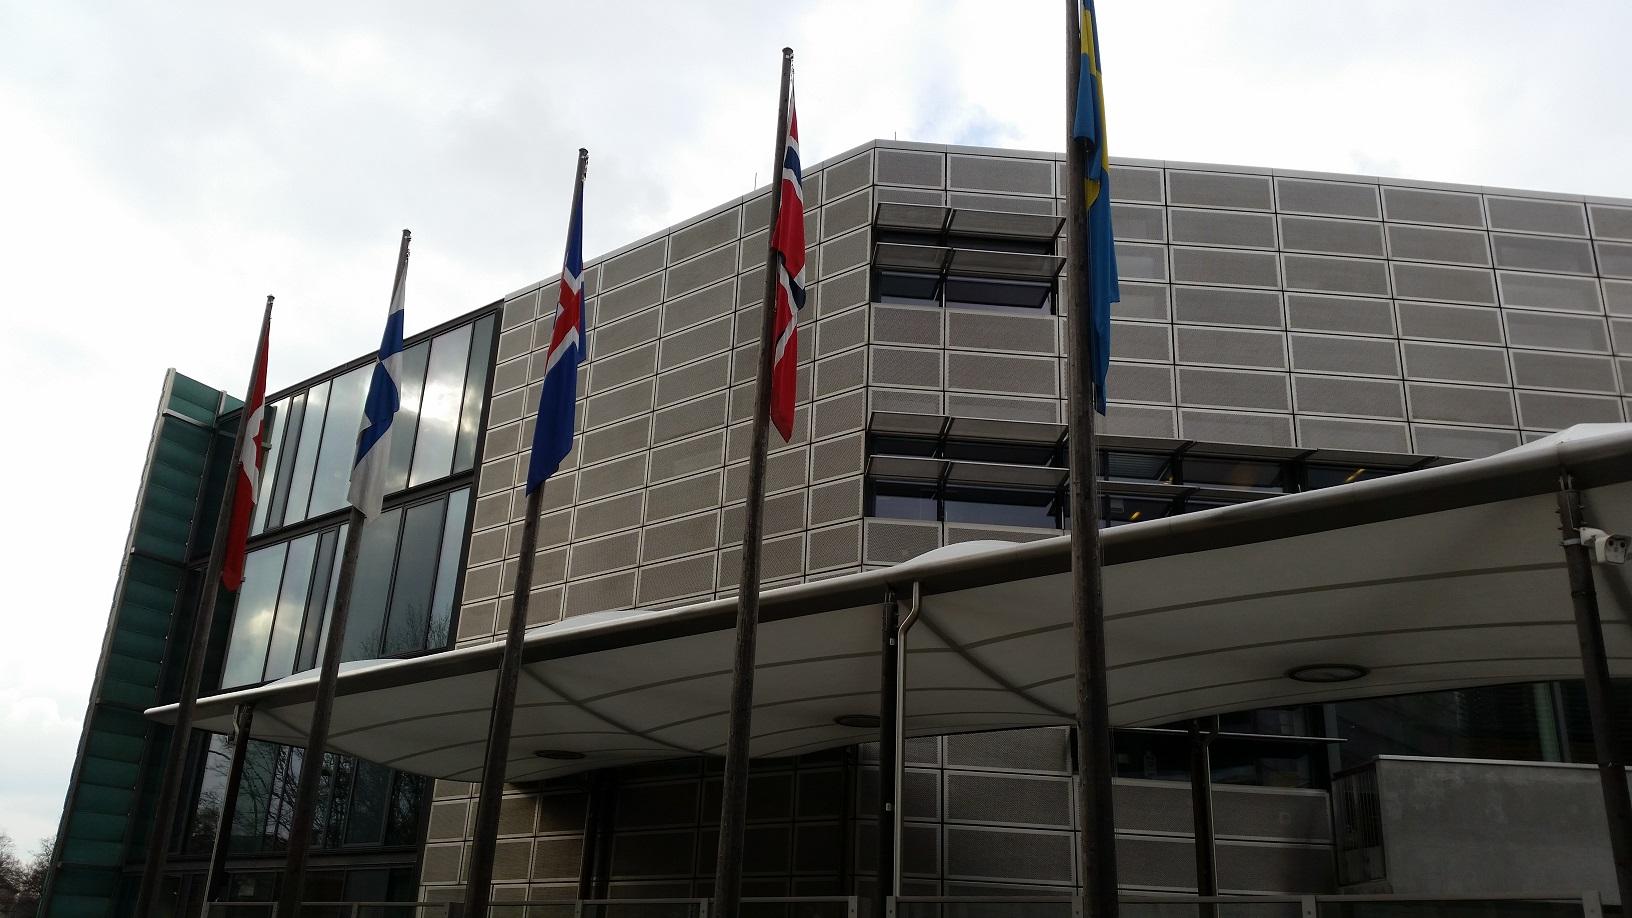 Die Fahnen der nordischen Länder vor dem Botschaftskomplex.